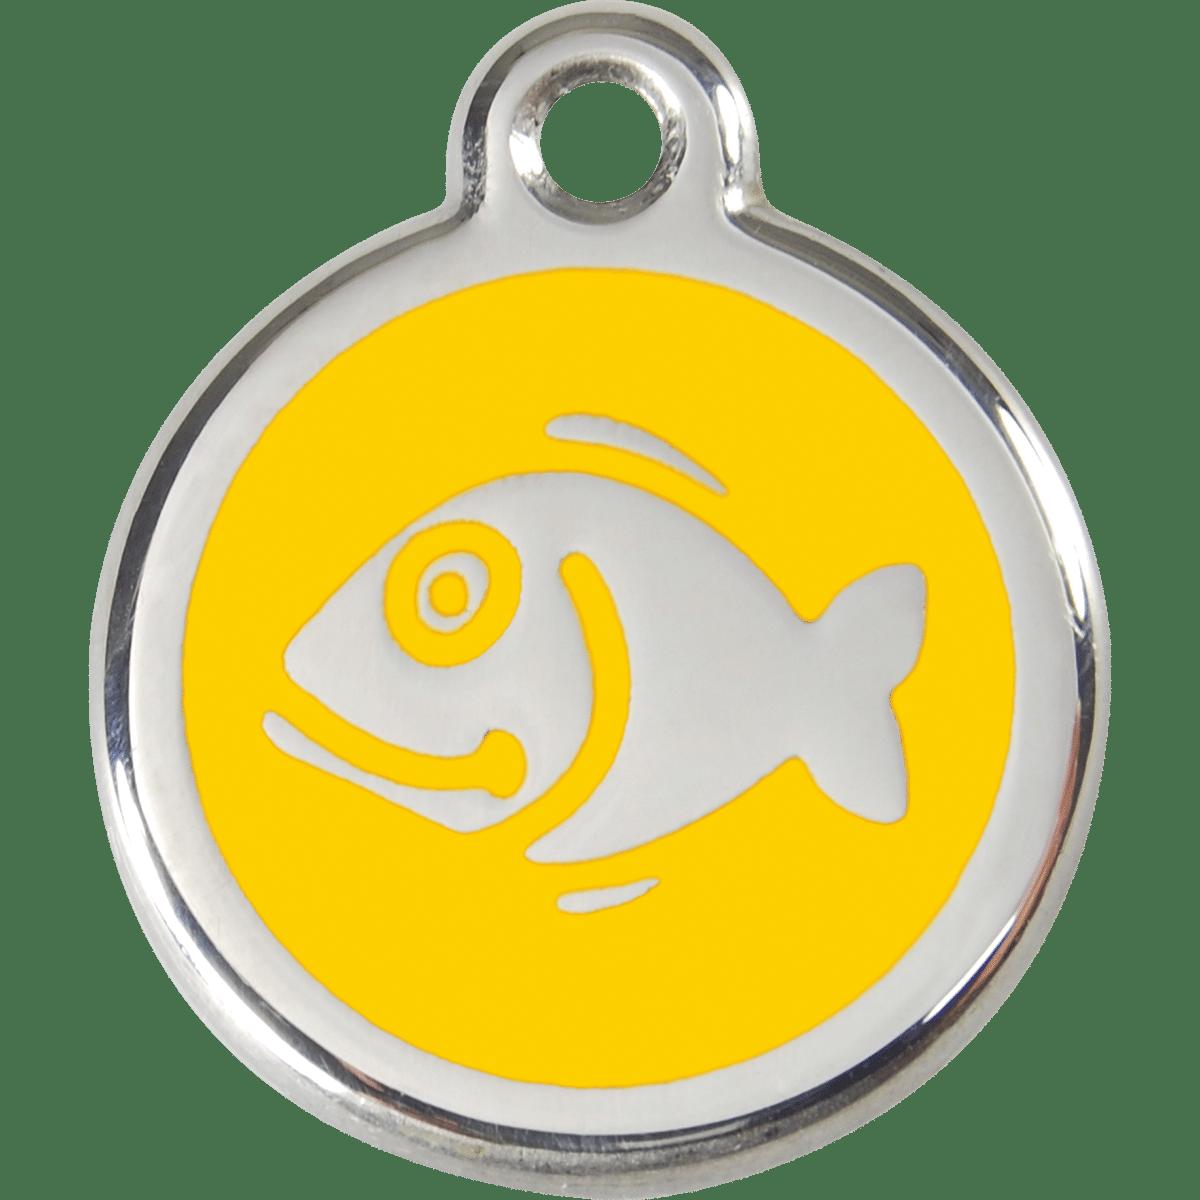 Fisk på gul id-bricka till katten